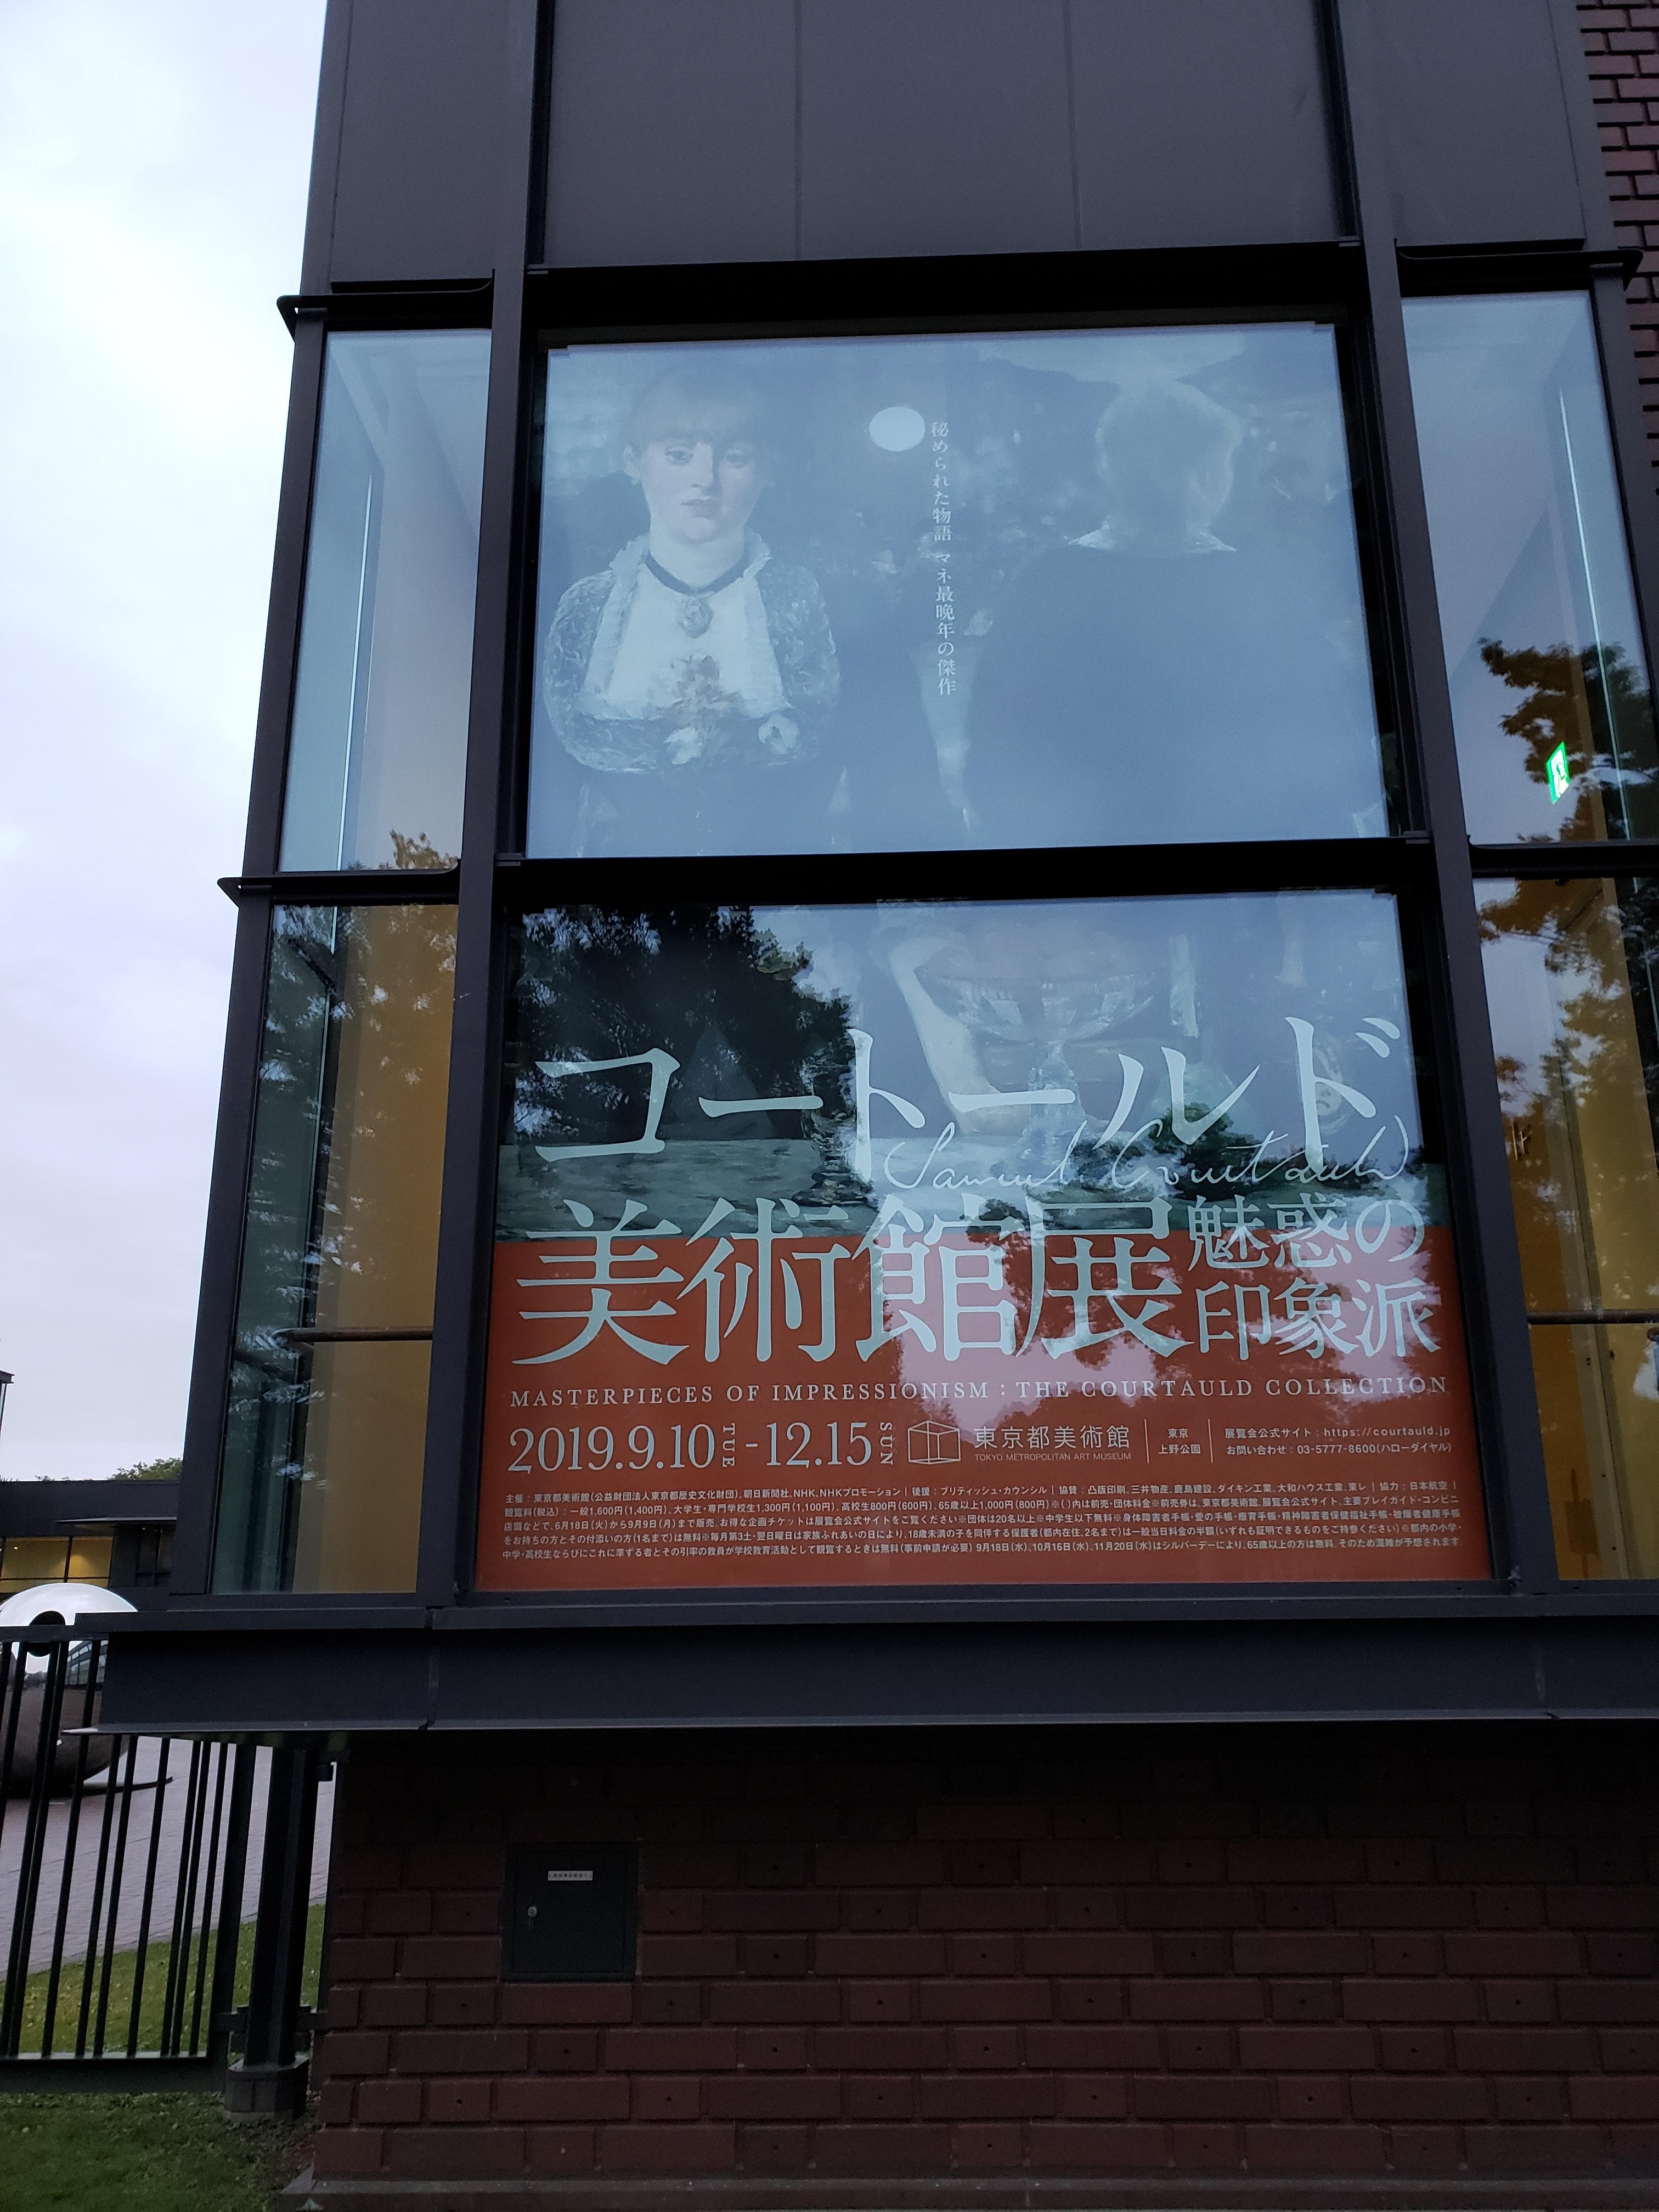 東京都美術館のコートールド美術館展 魅惑の印象派に行った感想